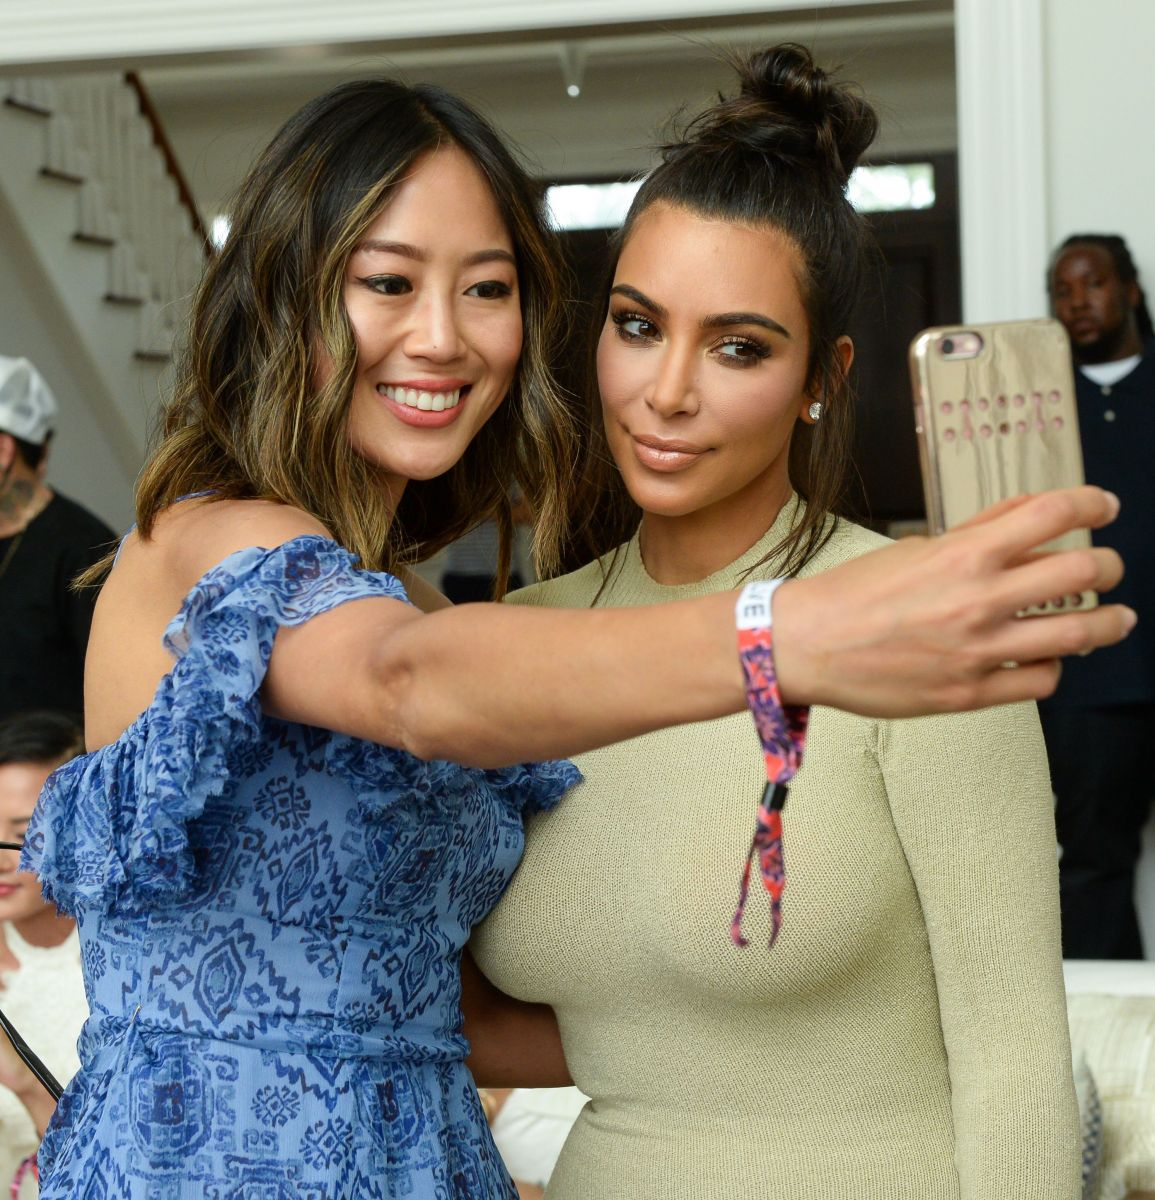 Образ дня: Ким Кардашьян в ультракоротком платье выбралась на природу